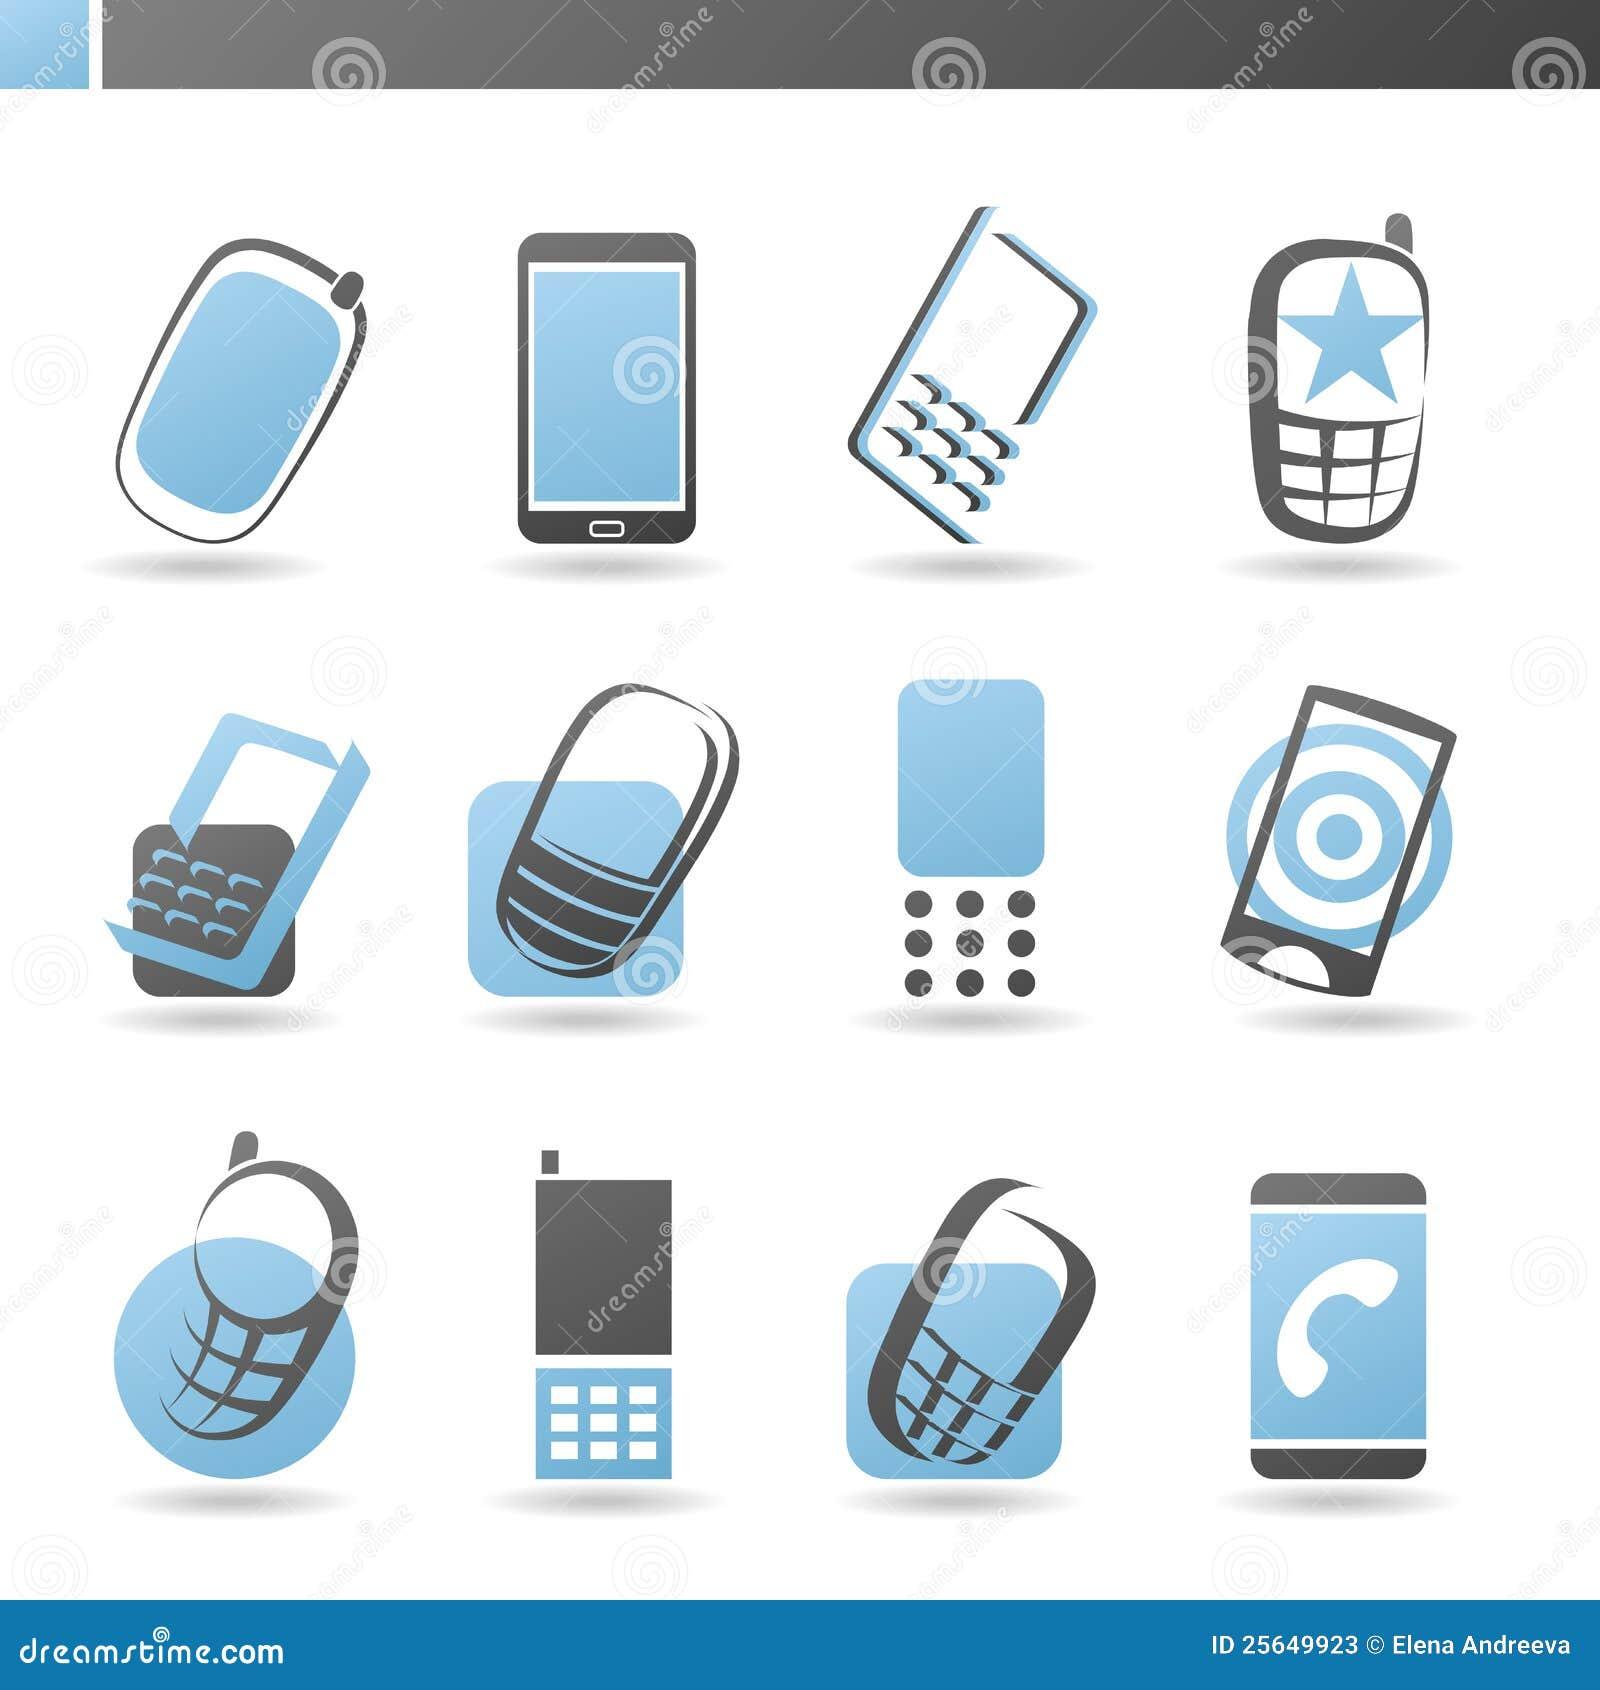 Mobile phones vector logo template set stock photos for Mobile logo